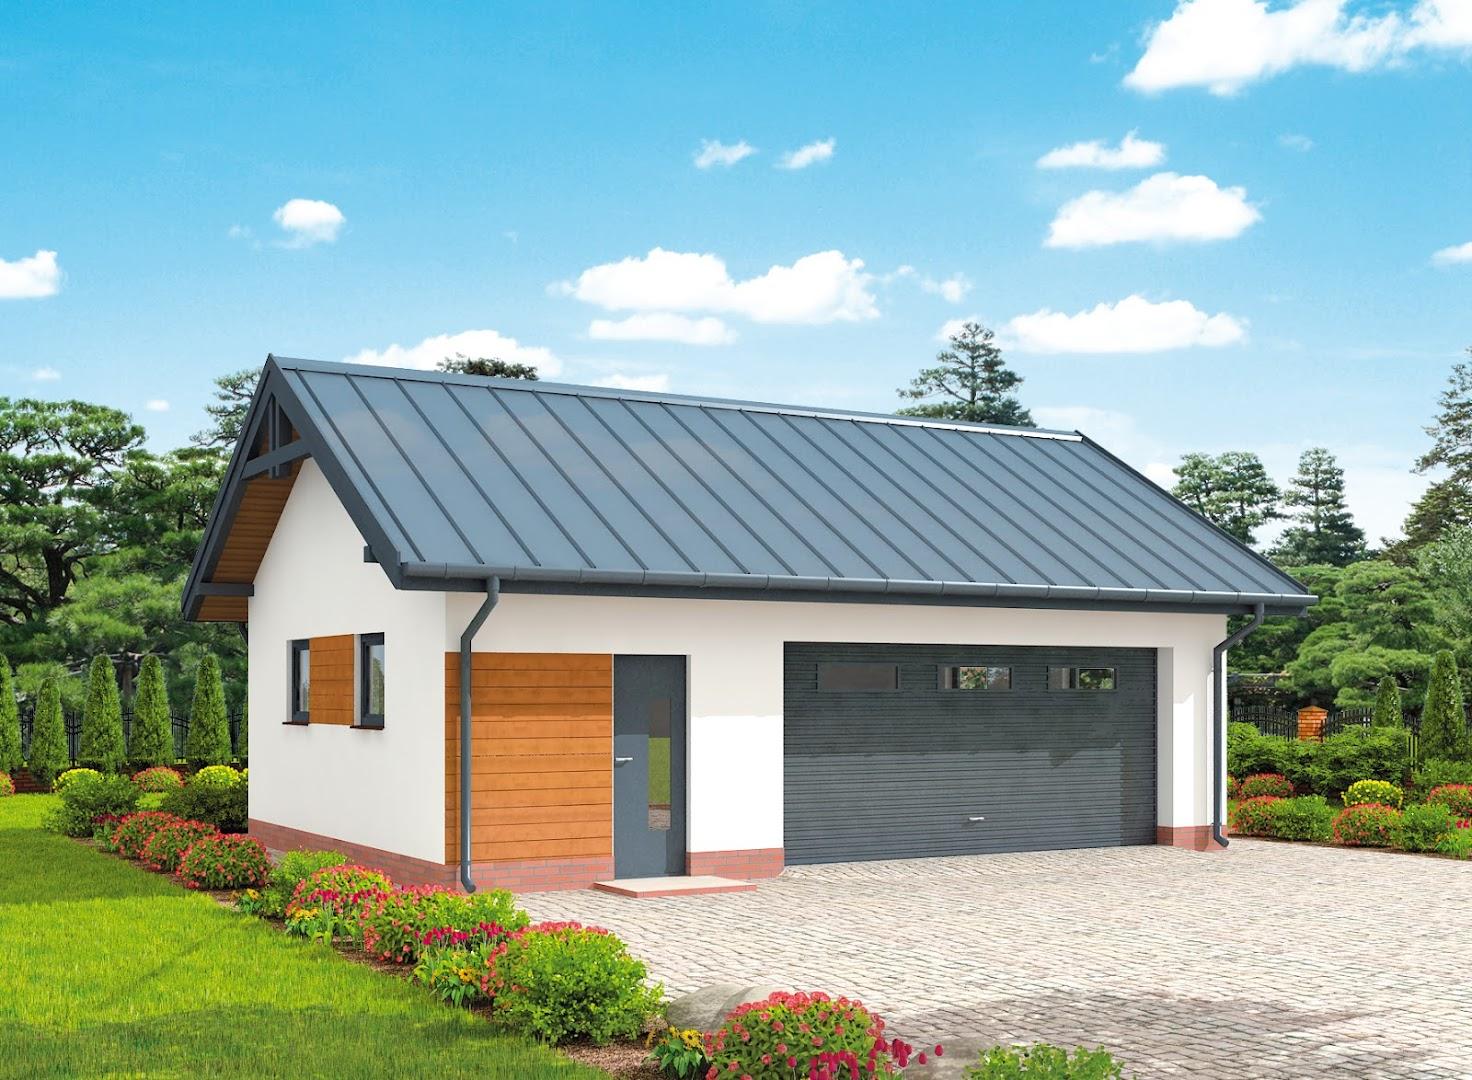 Projekt Garażu G292 Szkielet Drewniany Garaż Dwustanowiskowy Z